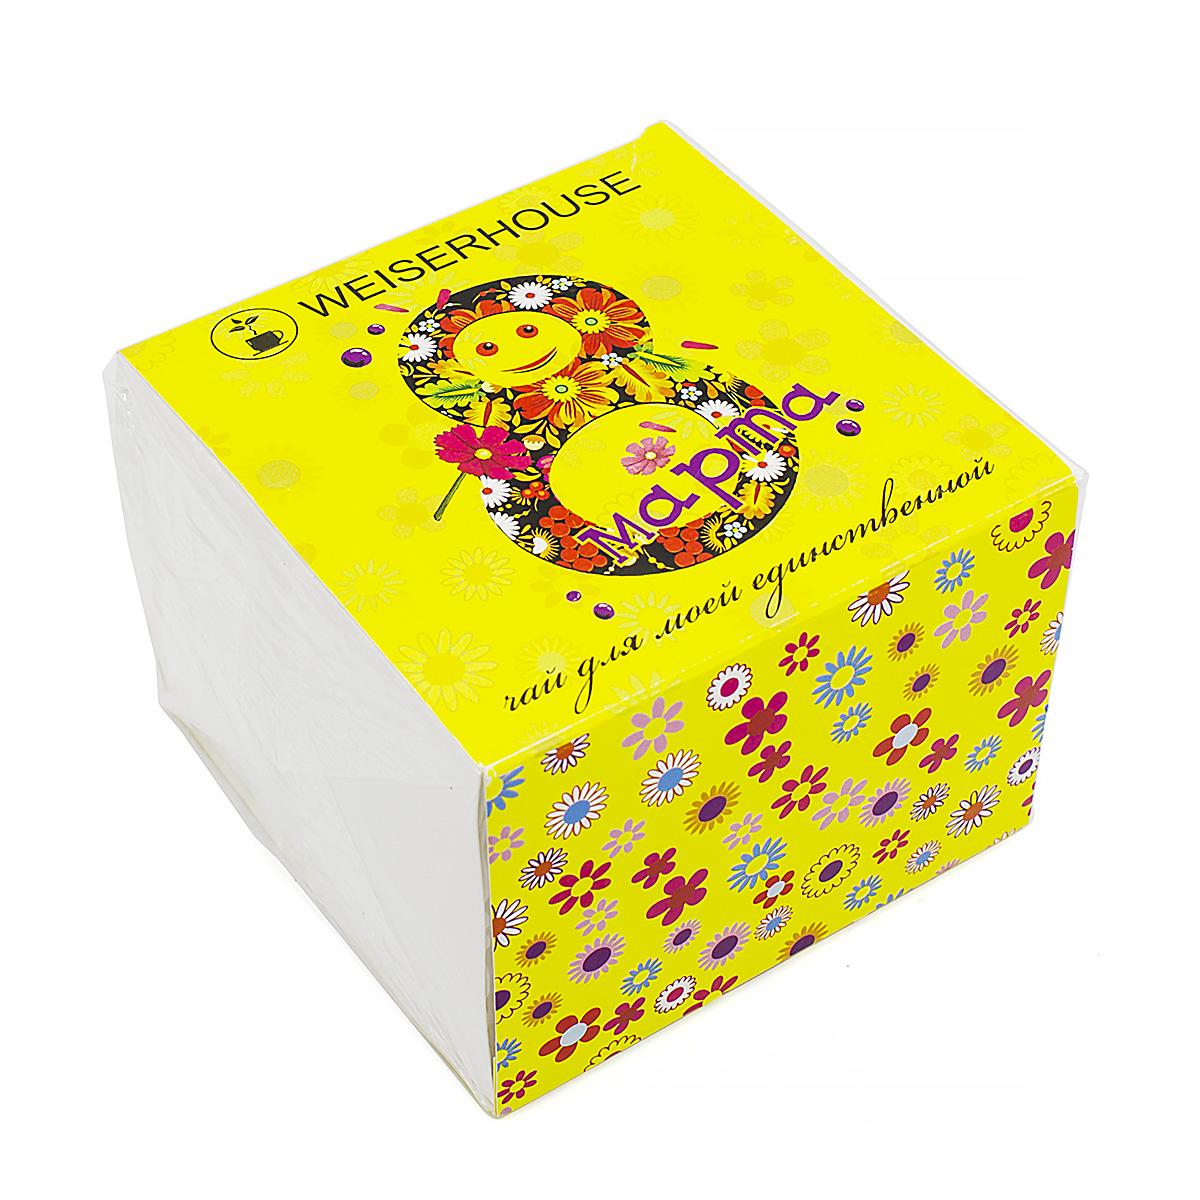 Фото - Черный чай Секрет Цейлона к 8 марта (Для моей единственной), 100 г чай черный matis золото цейлона 100х2 г